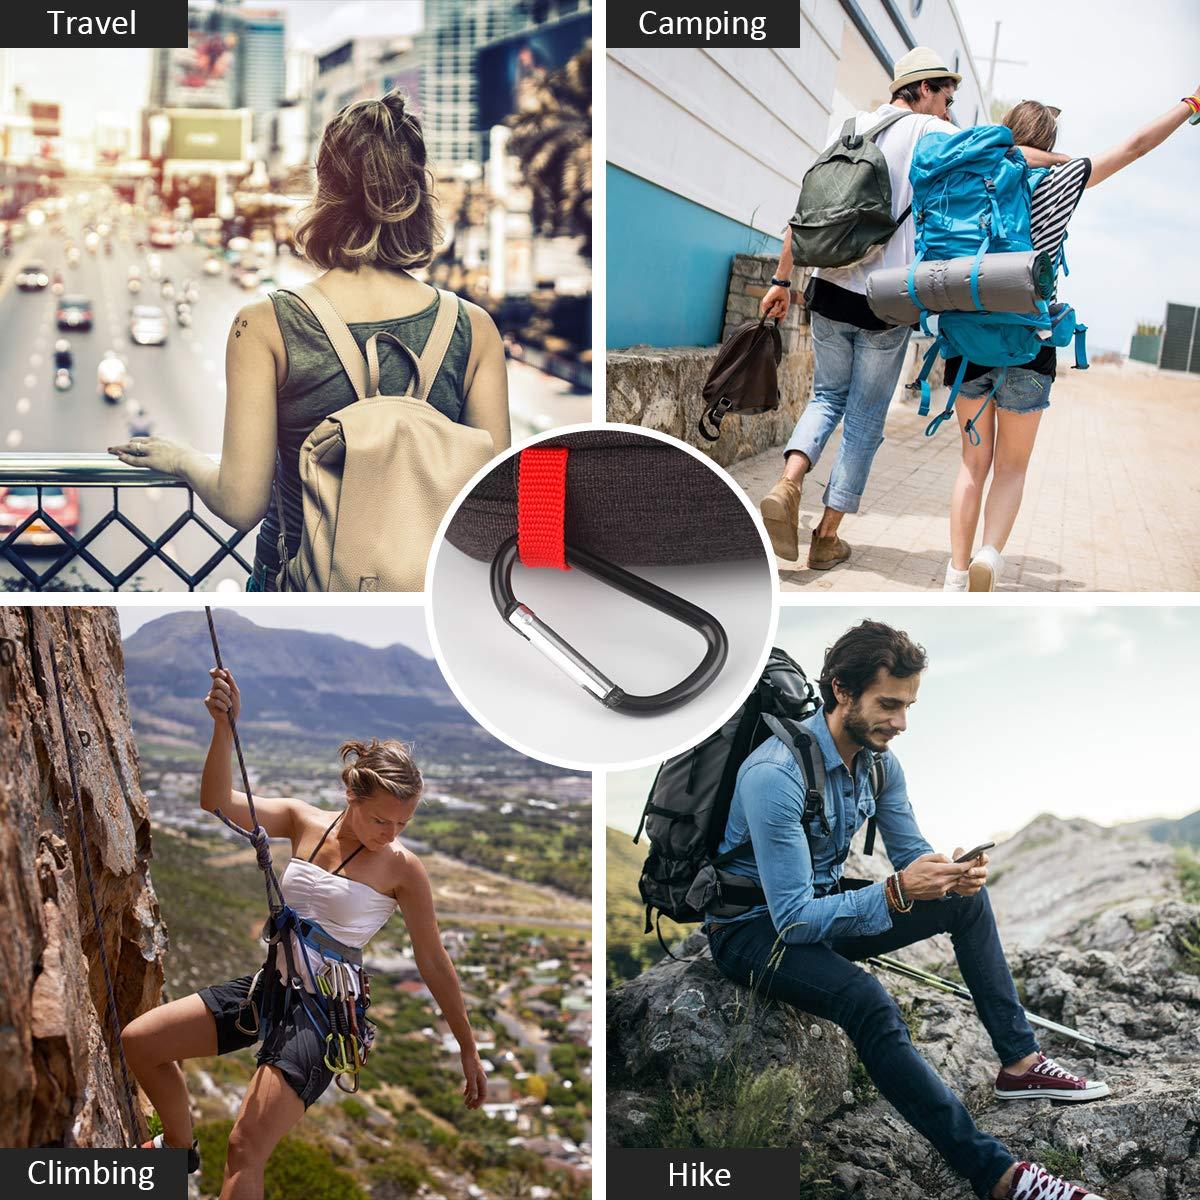 Accesorios de Osmo Pocket Kit de Expansi/ón KIWI design dji Osmo Pocket 4-en-1 Soporte para Tr/ípode Marco Protector con Clip de Mochila Adaptador de Tr/ípode y Adaptador de Tornillo